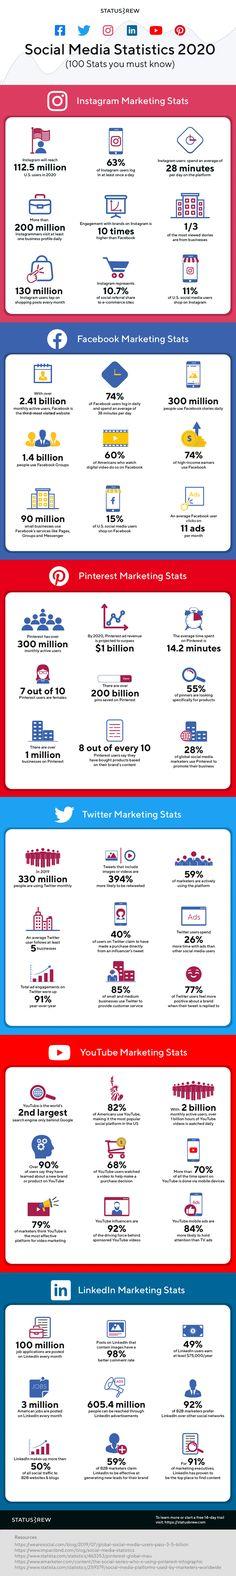 Social Media Statistics 2020